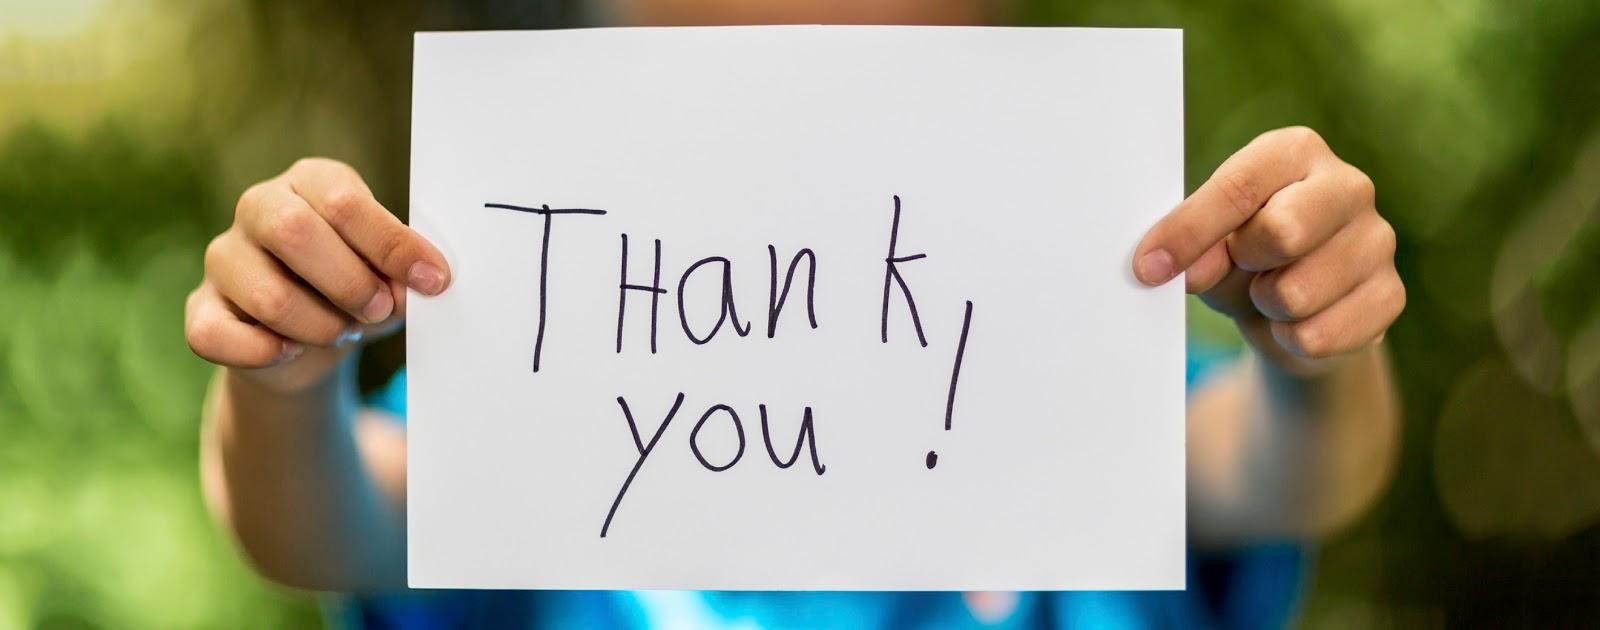 بالصور شكرا بالانجليزي , كلمه شكرا بالغات اخرى 204 4